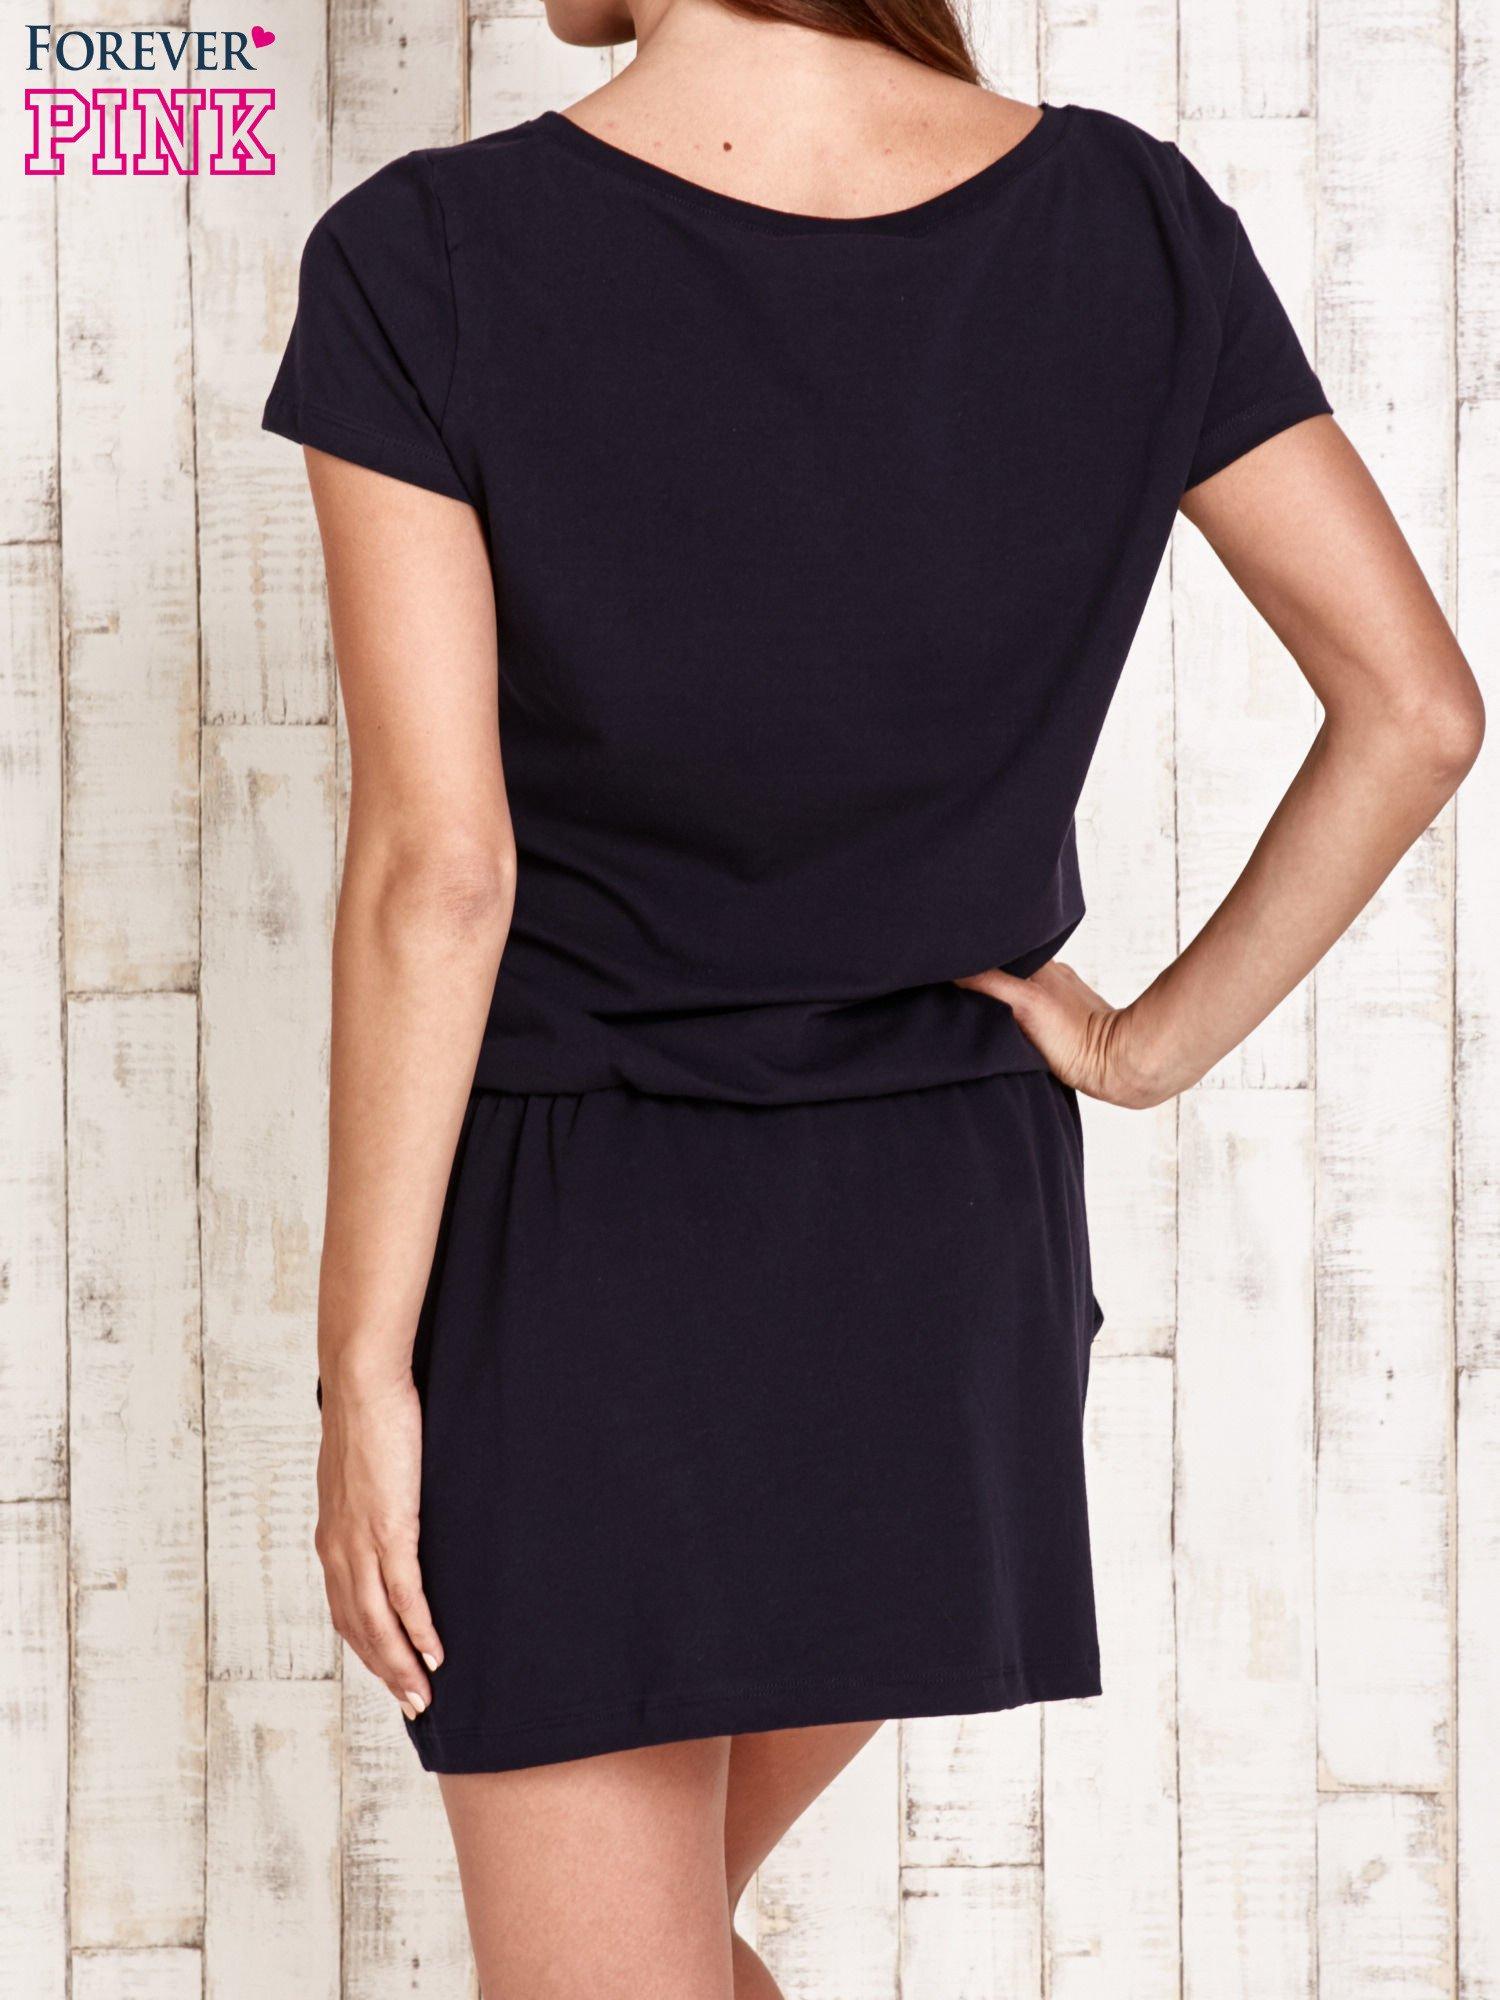 Granatowa sukienka z kieszonkami                                  zdj.                                  4